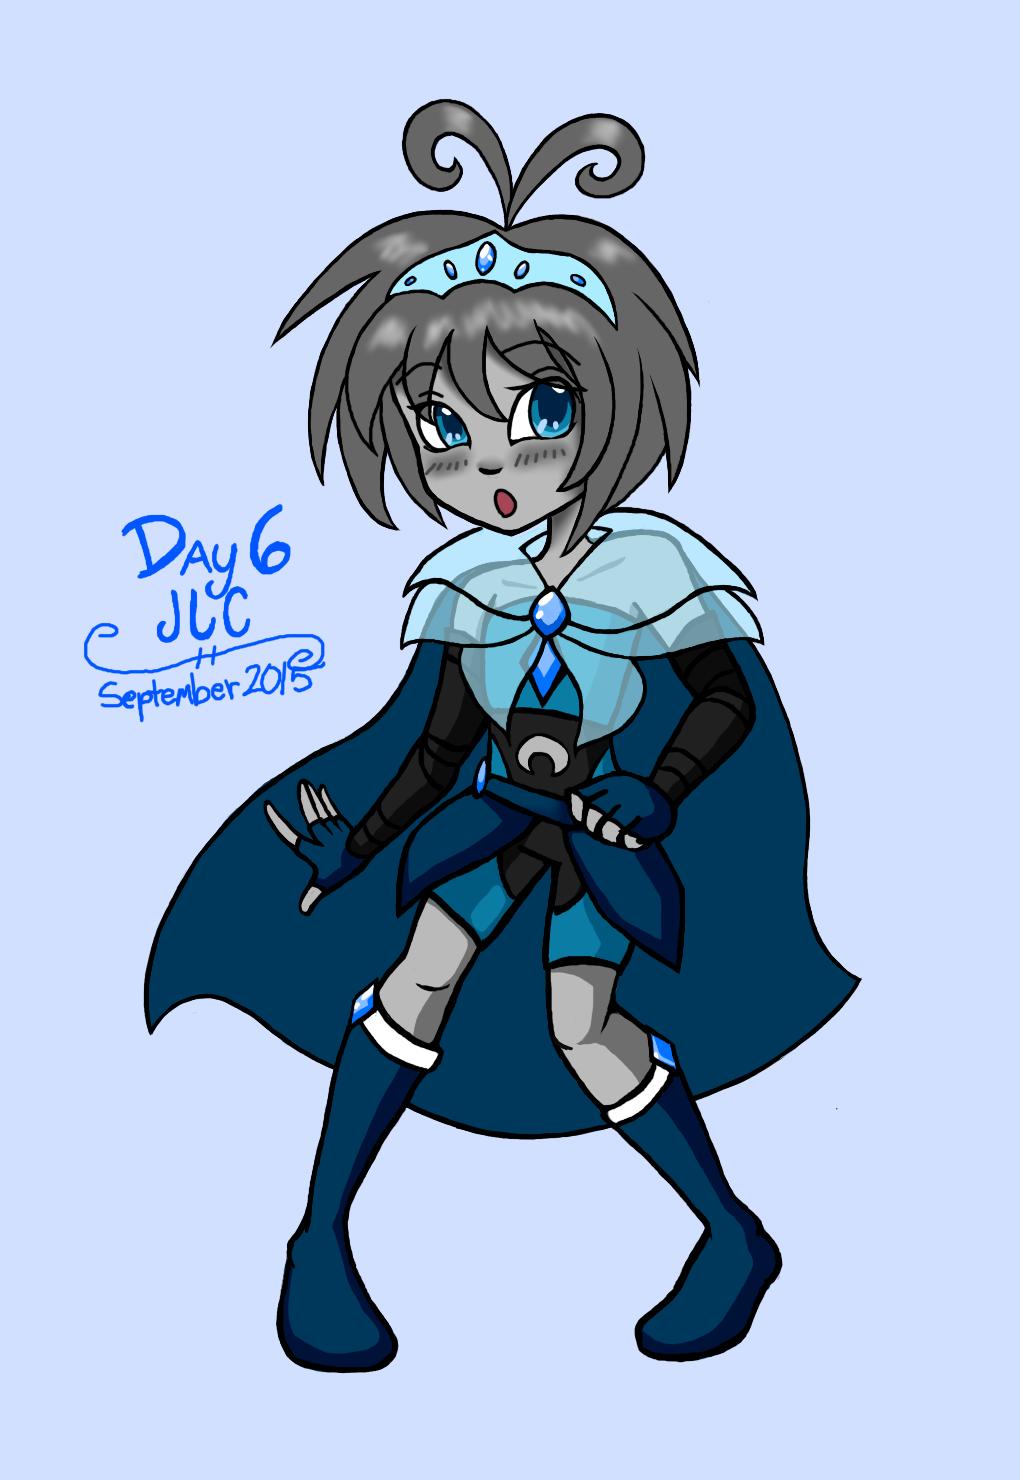 OC Art R2 6 - Junior in Armor